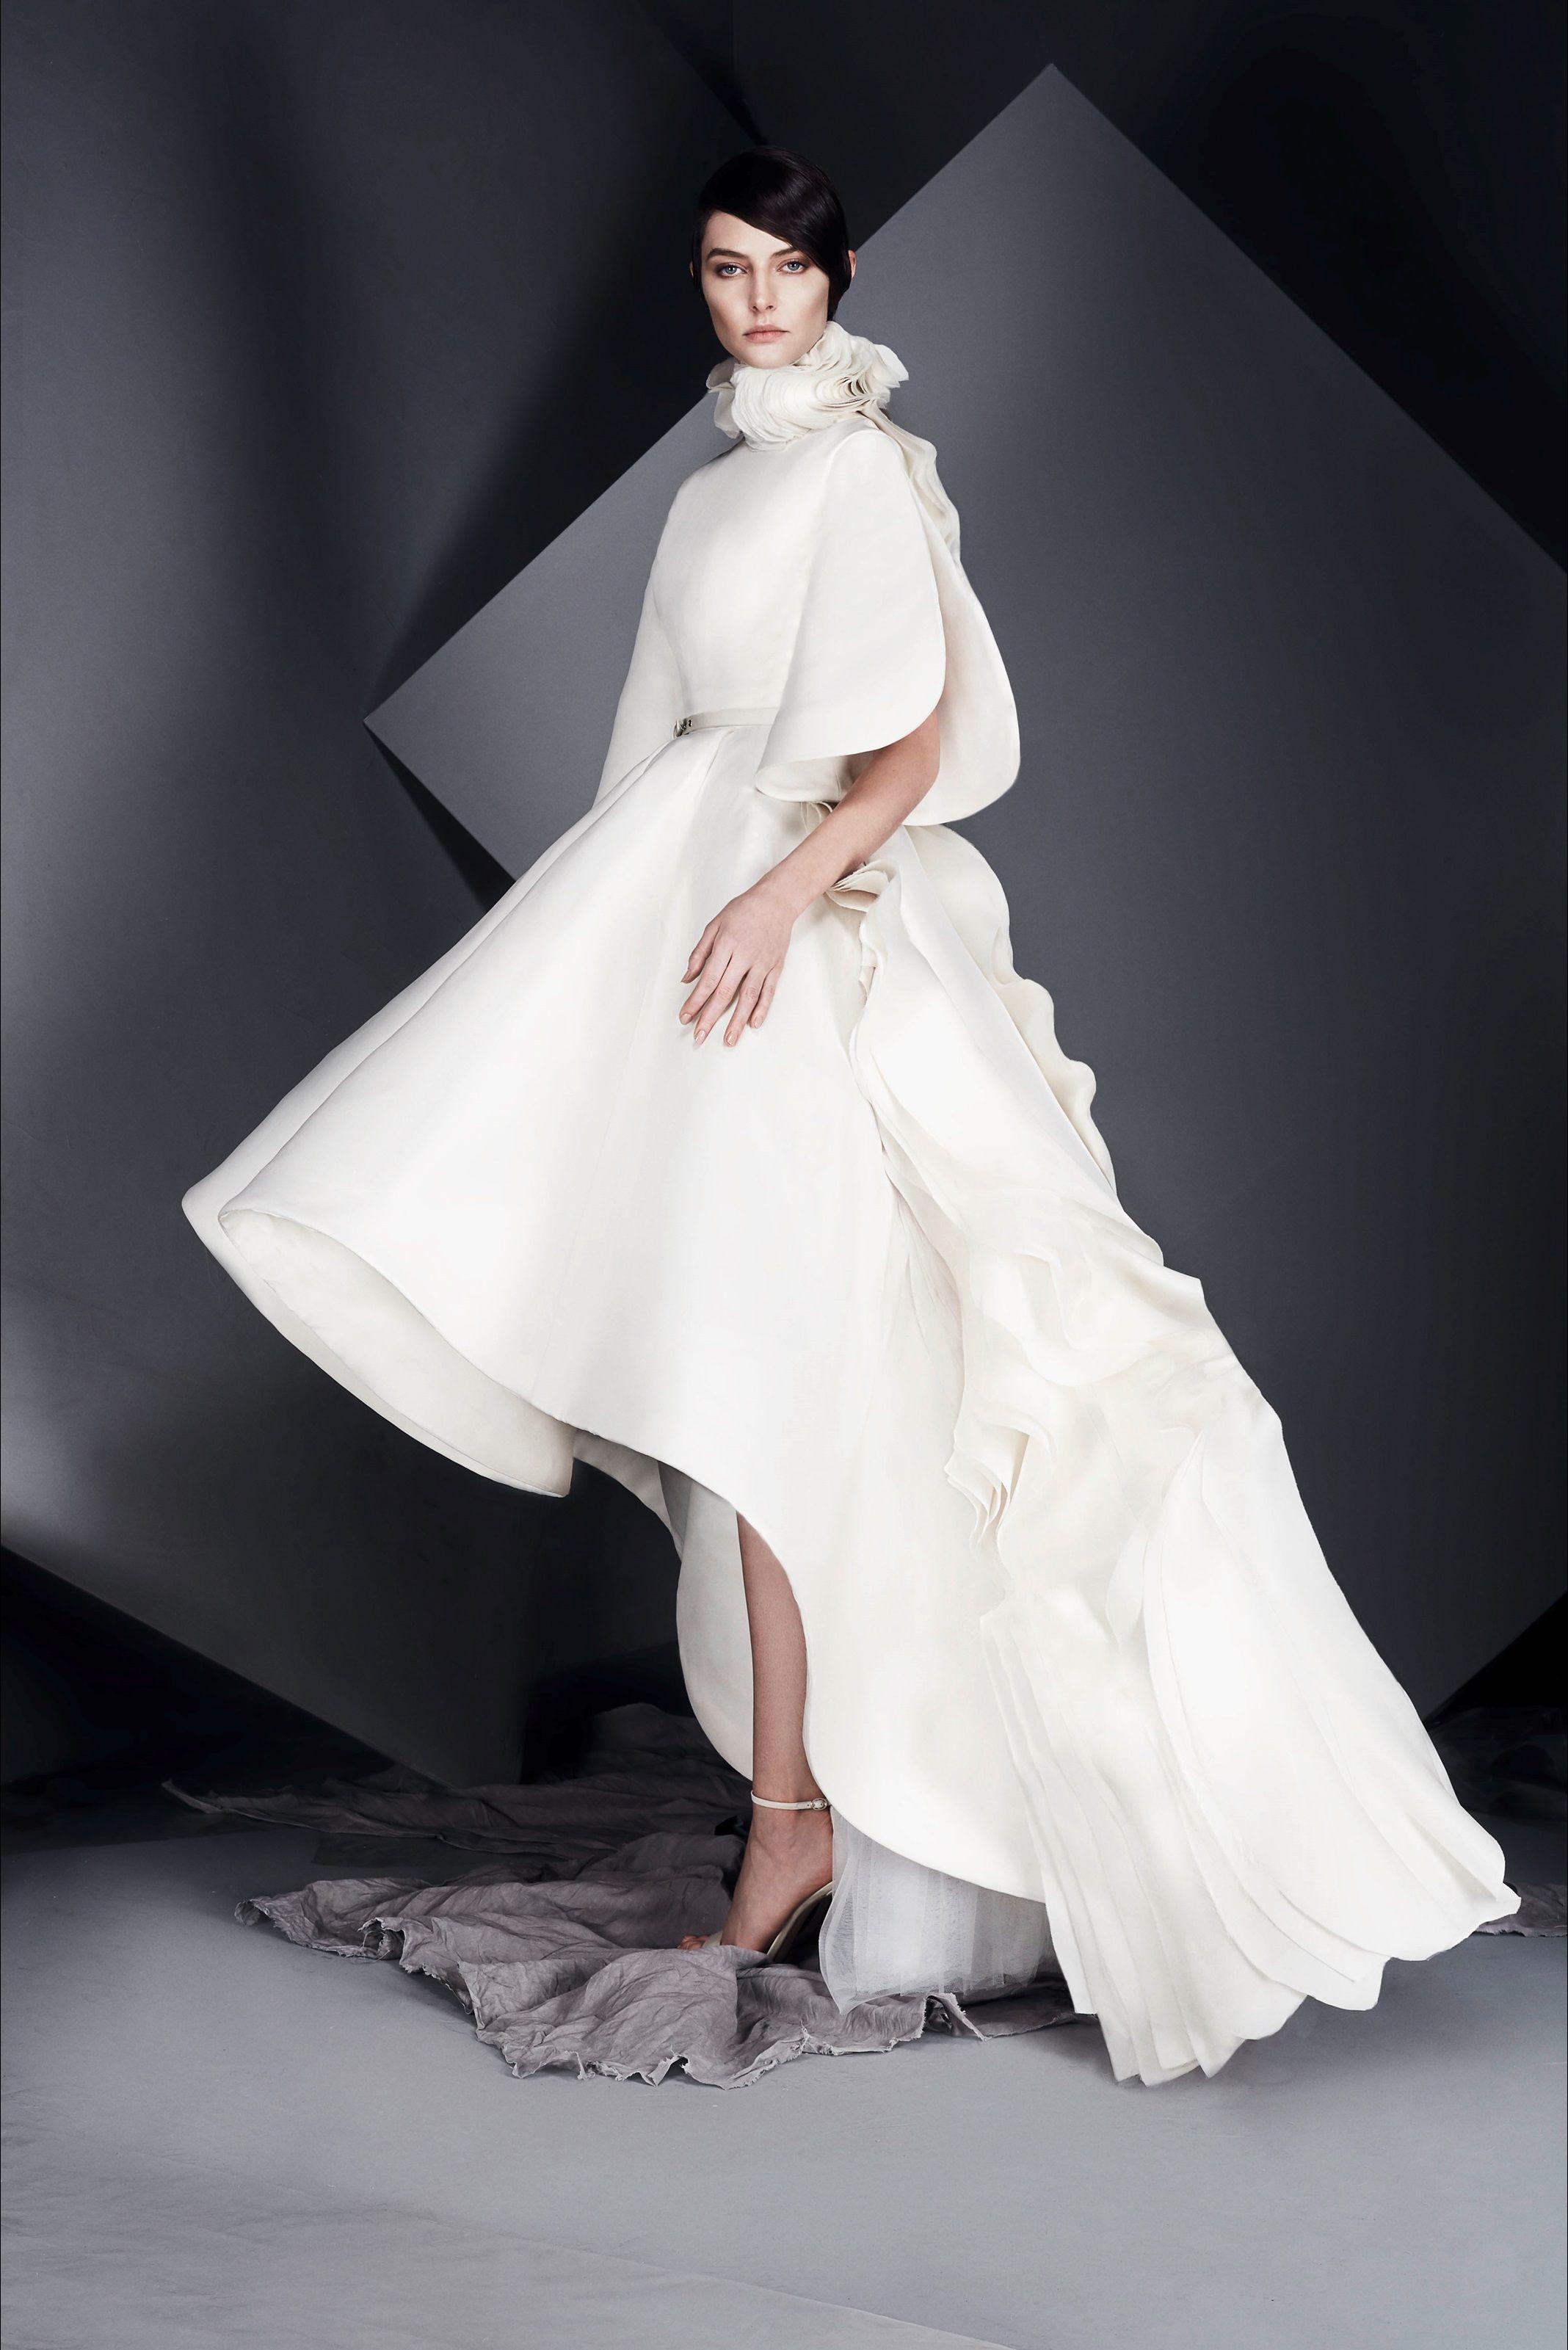 5386eb0c539e Guarda la sfilata di moda Ashi Studio a Parigi e scopri la collezione di  abiti e accessori per la stagione Alta Moda Primavera Estate 2017.